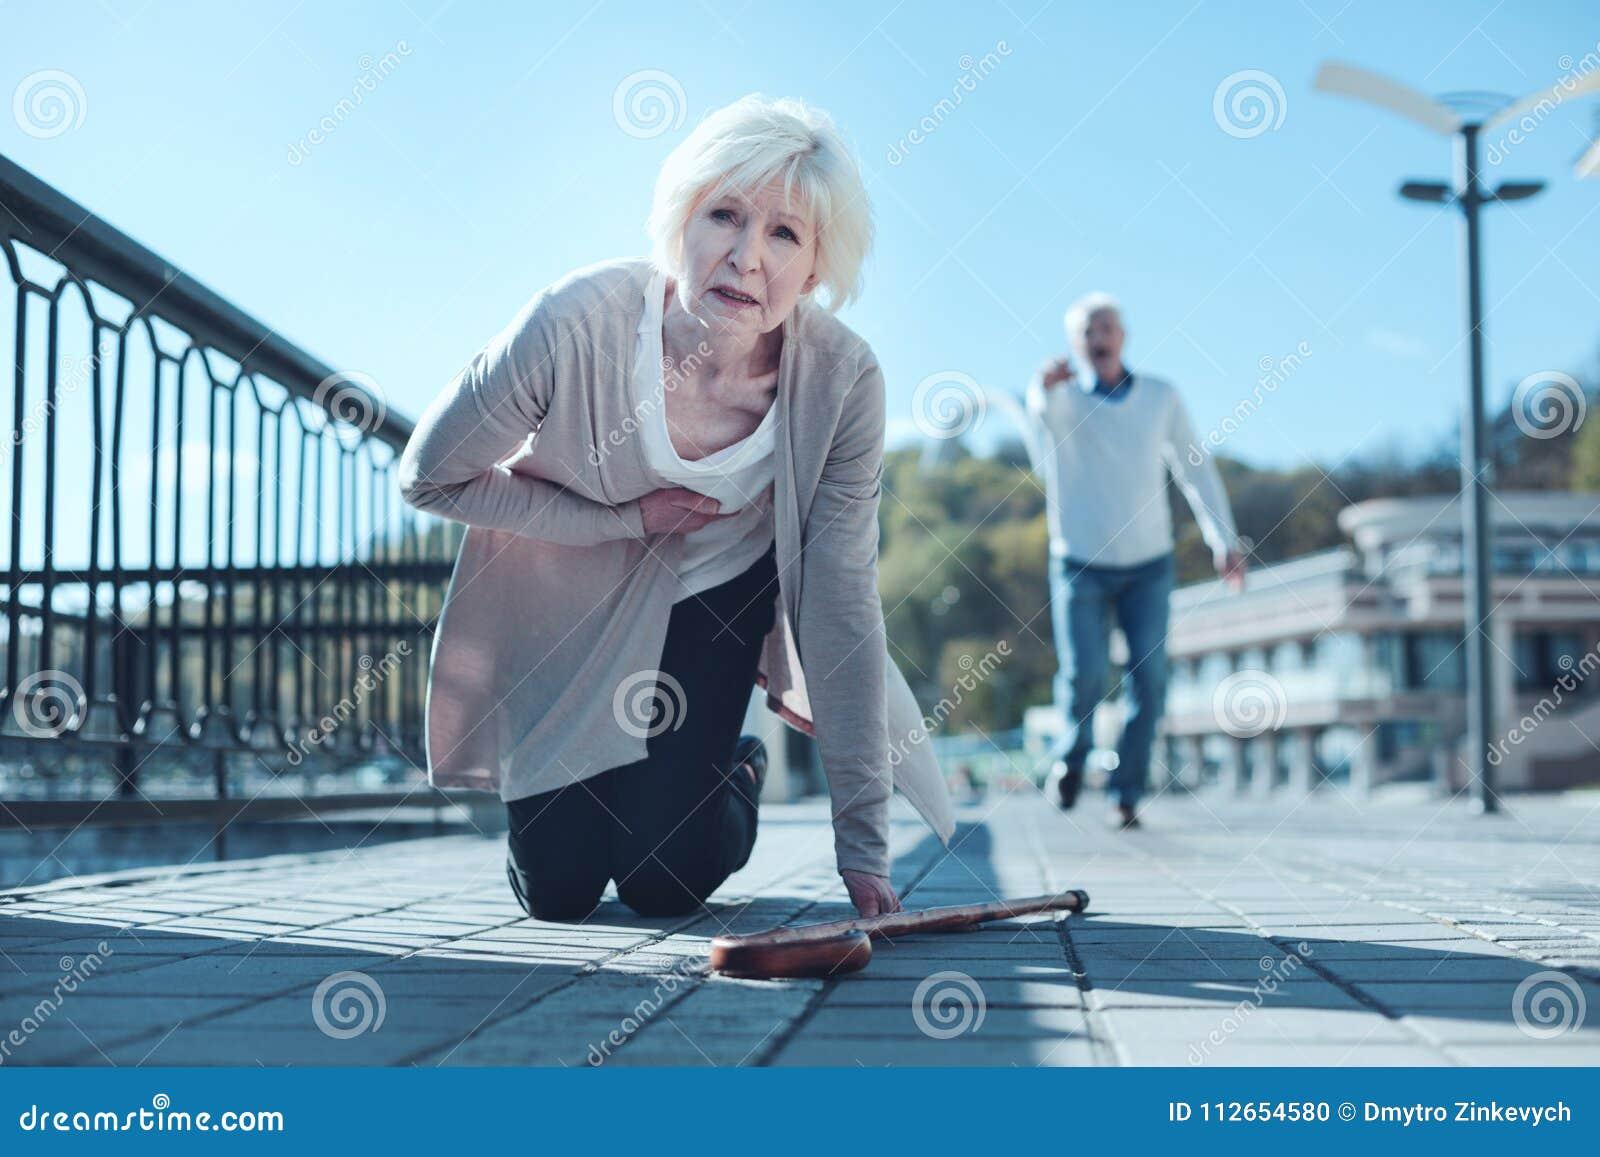 consigli sulla datazione di una donna più anziana